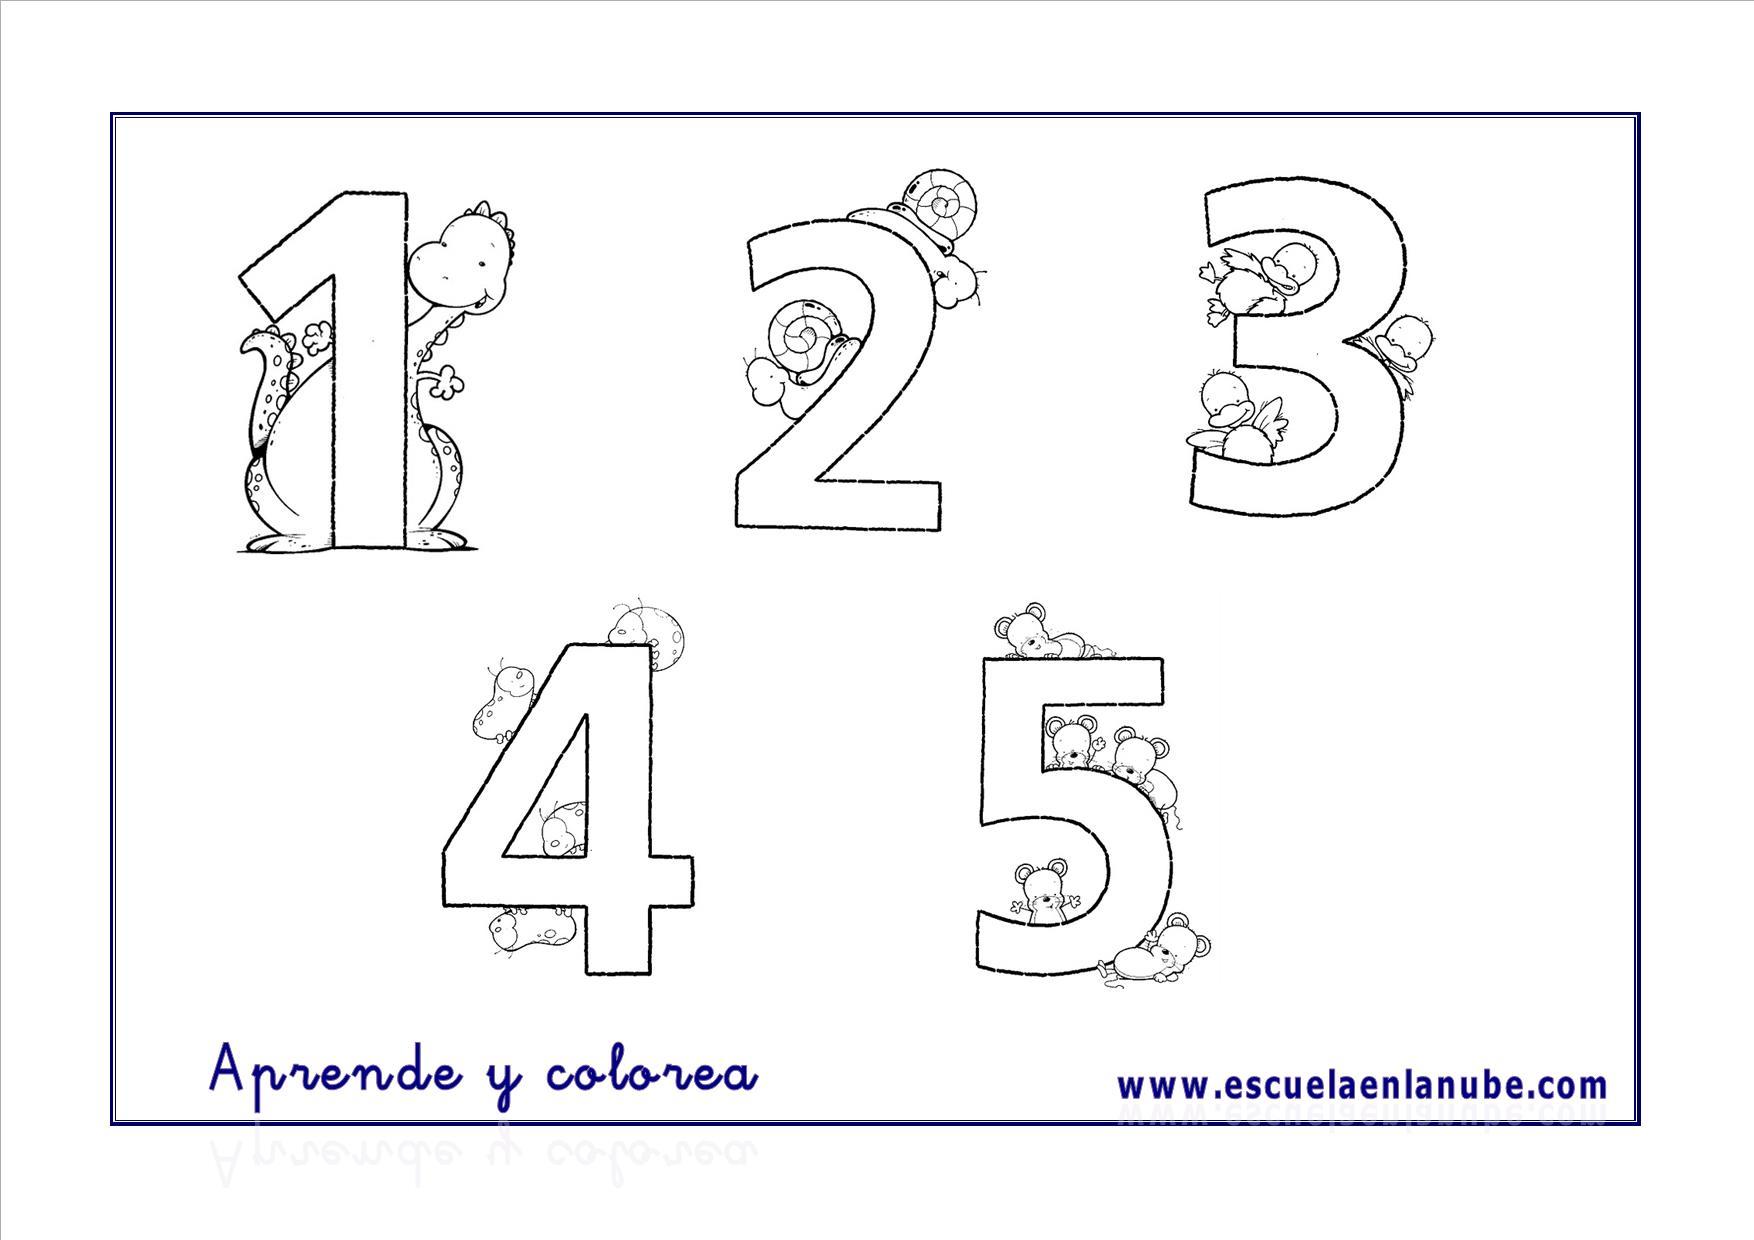 Fichas de matemticas Nmeros del 1 al 5